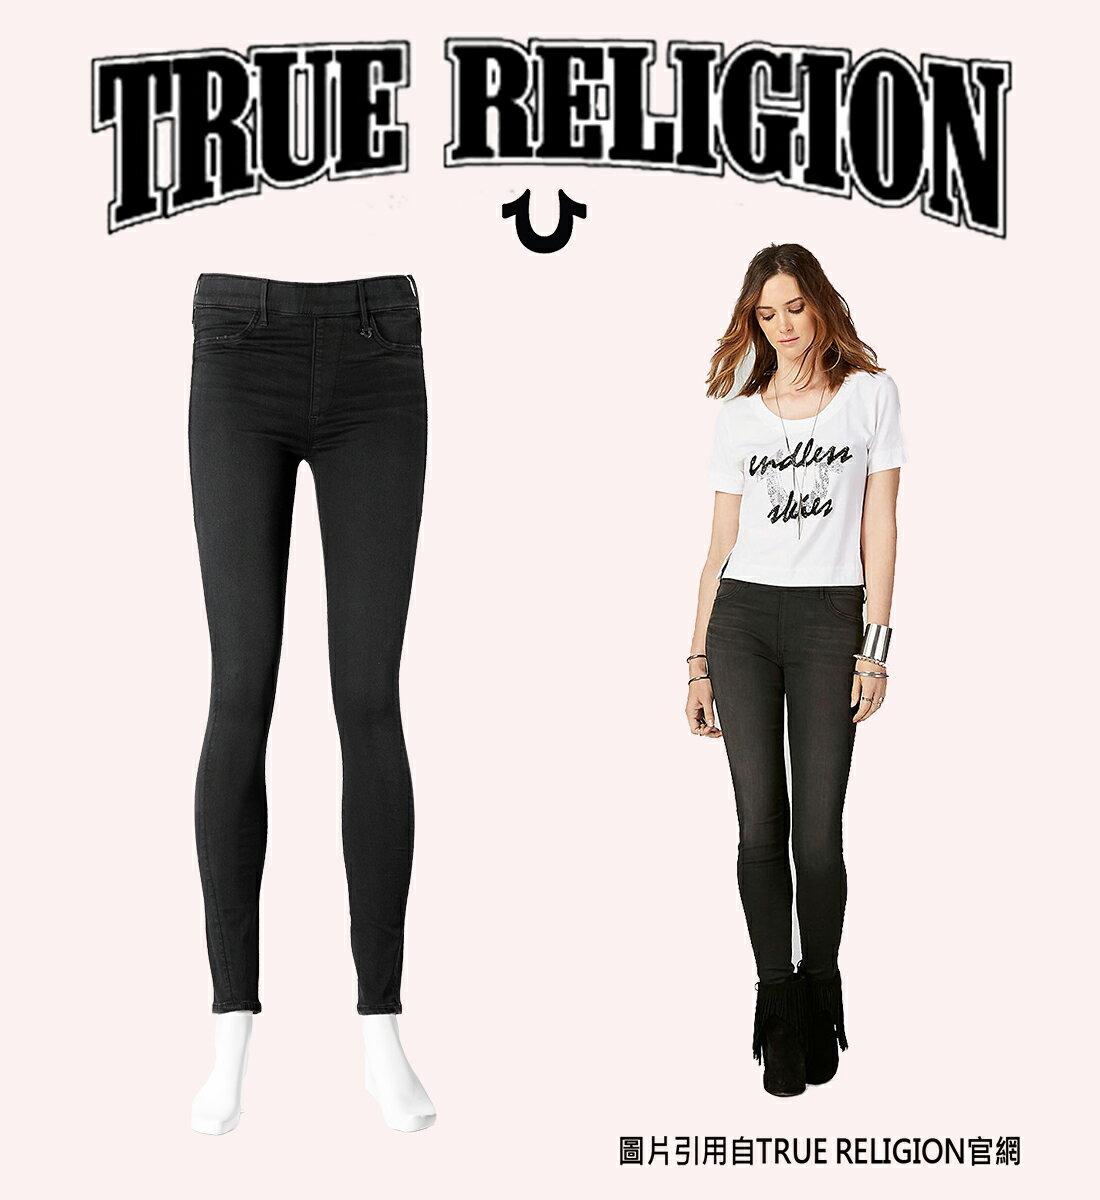 TRUE RELIGION RUNWAY LEGGING 系列 超彈性貼腿褲 美國製造 現貨供應 【美國好褲】